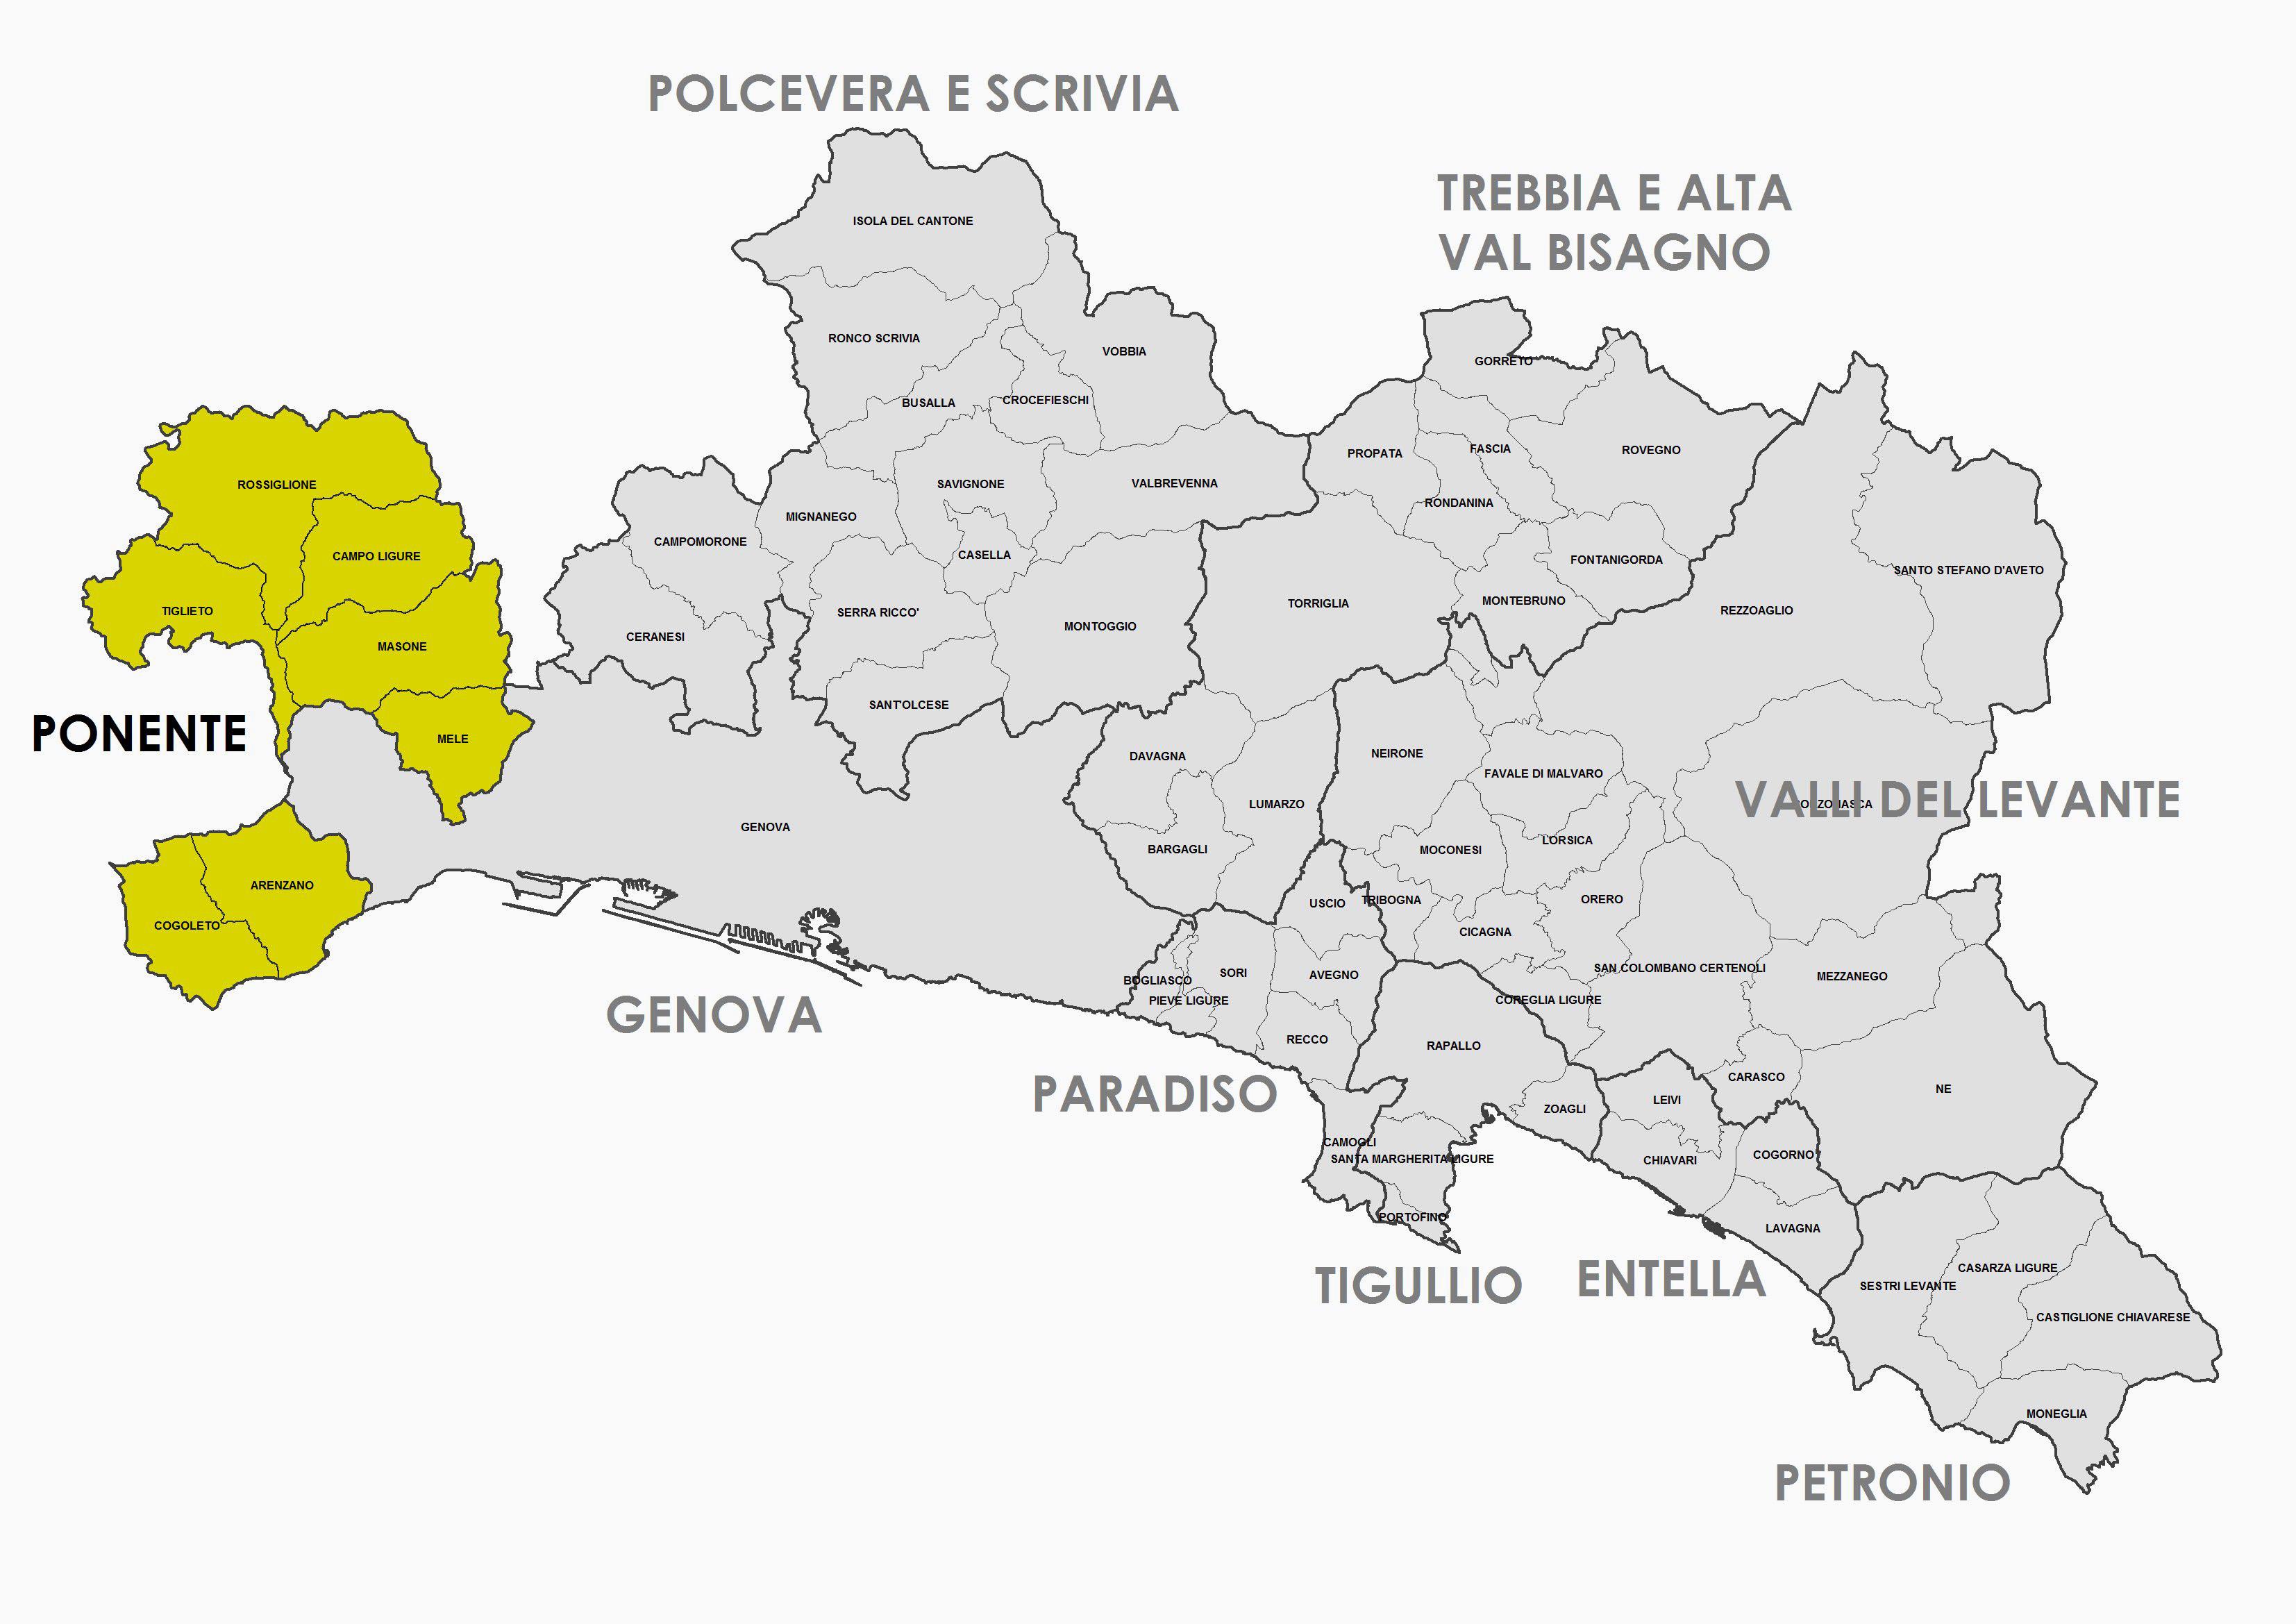 Zona Omogenea - Ponente - Comuni